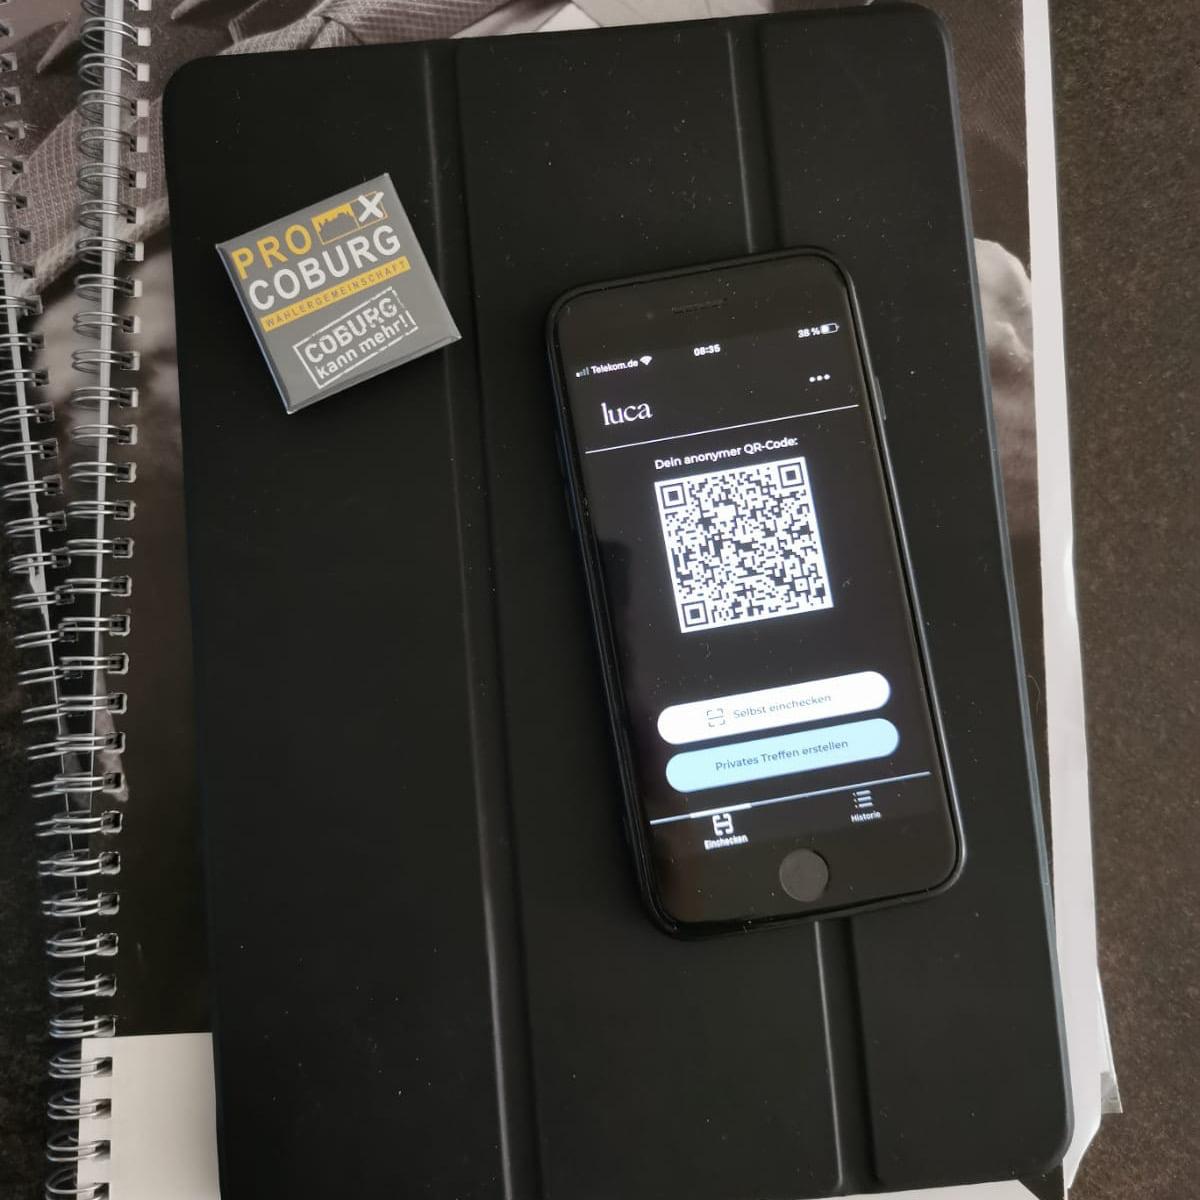 Coburg soll Testregion der Luca-App werden!